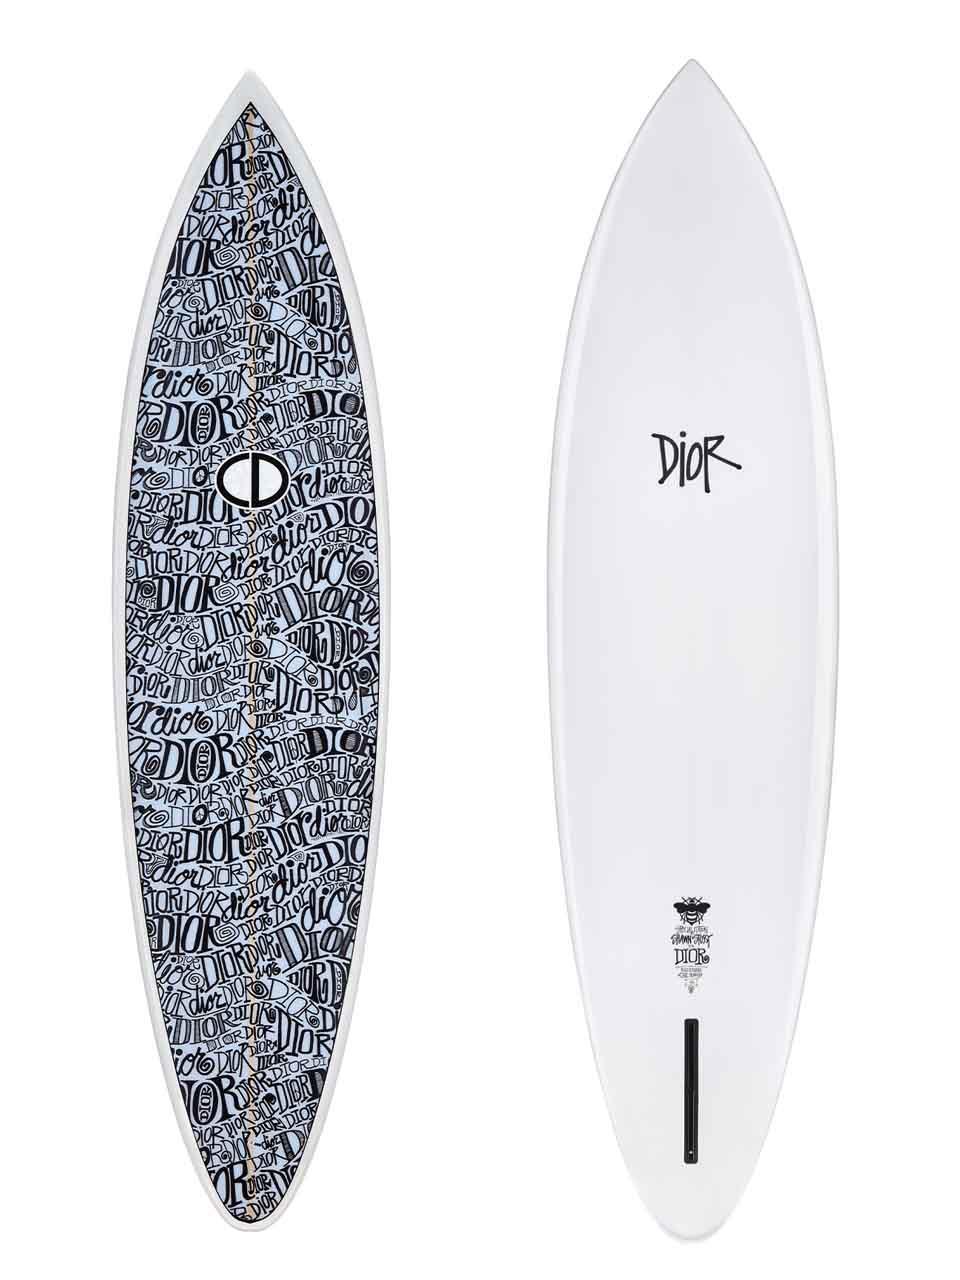 Dior Surfbrett